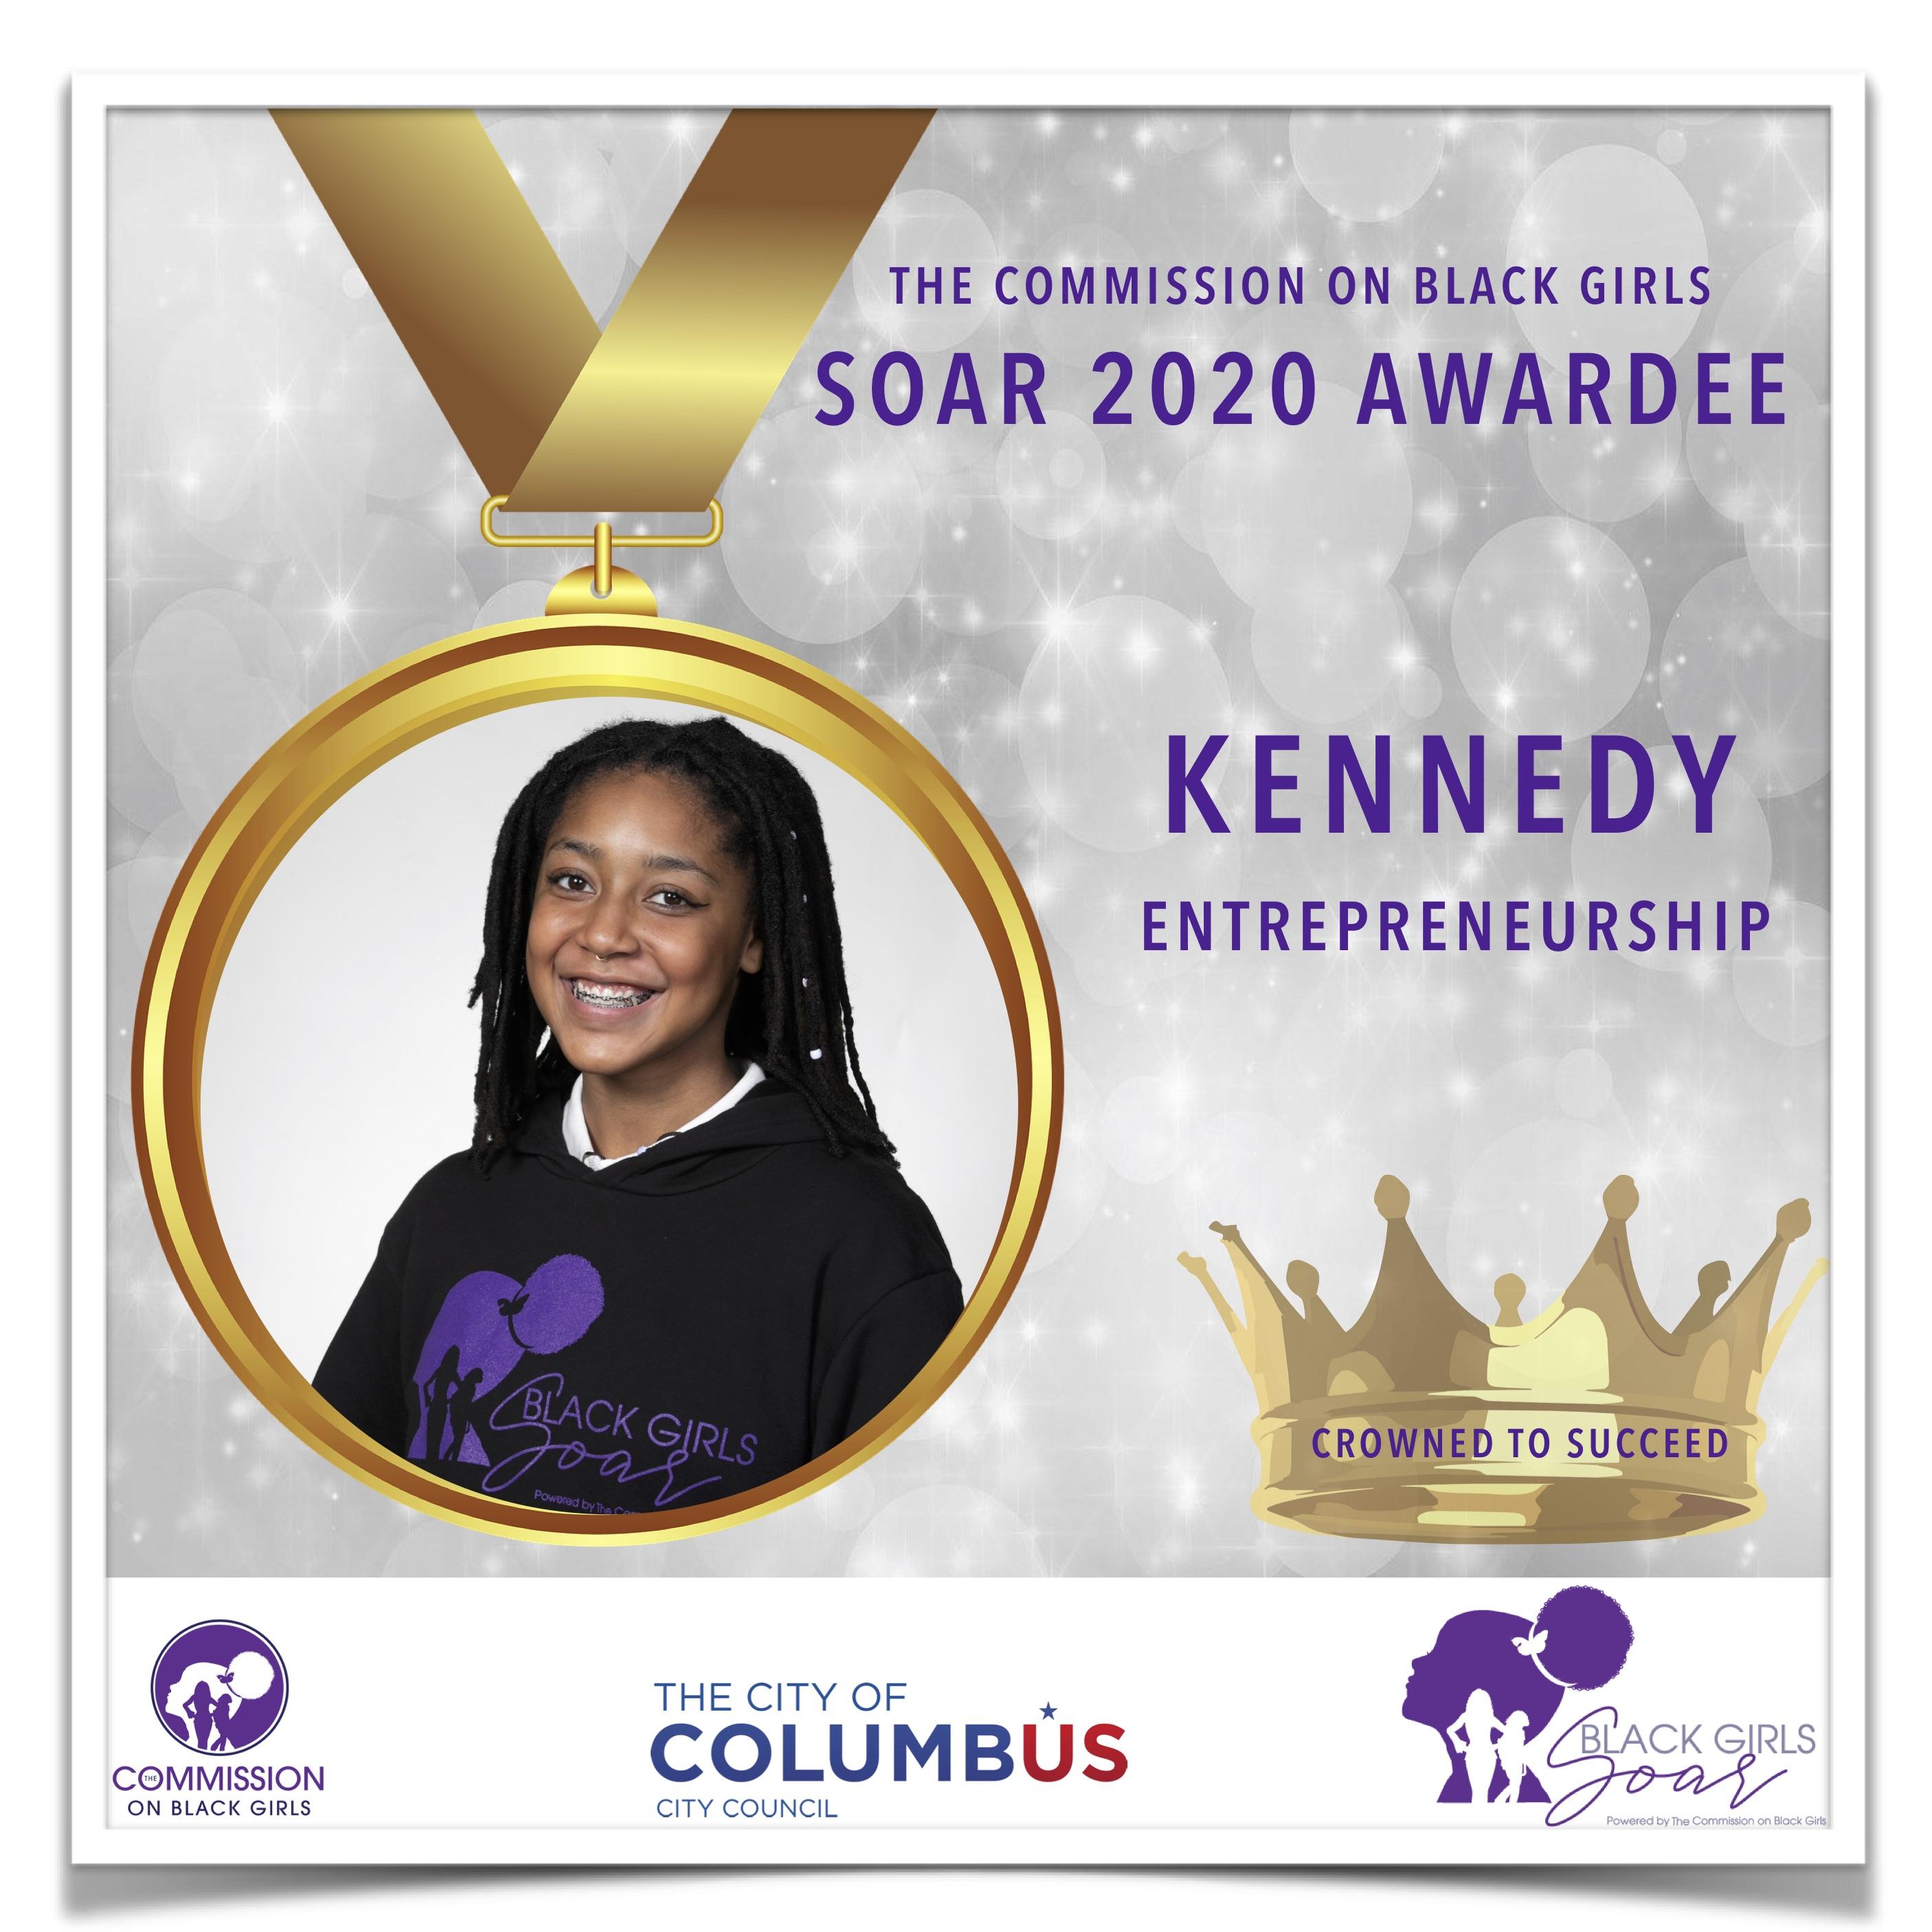 15 16 SOAR 2020 Kennedy Entrepreneurship